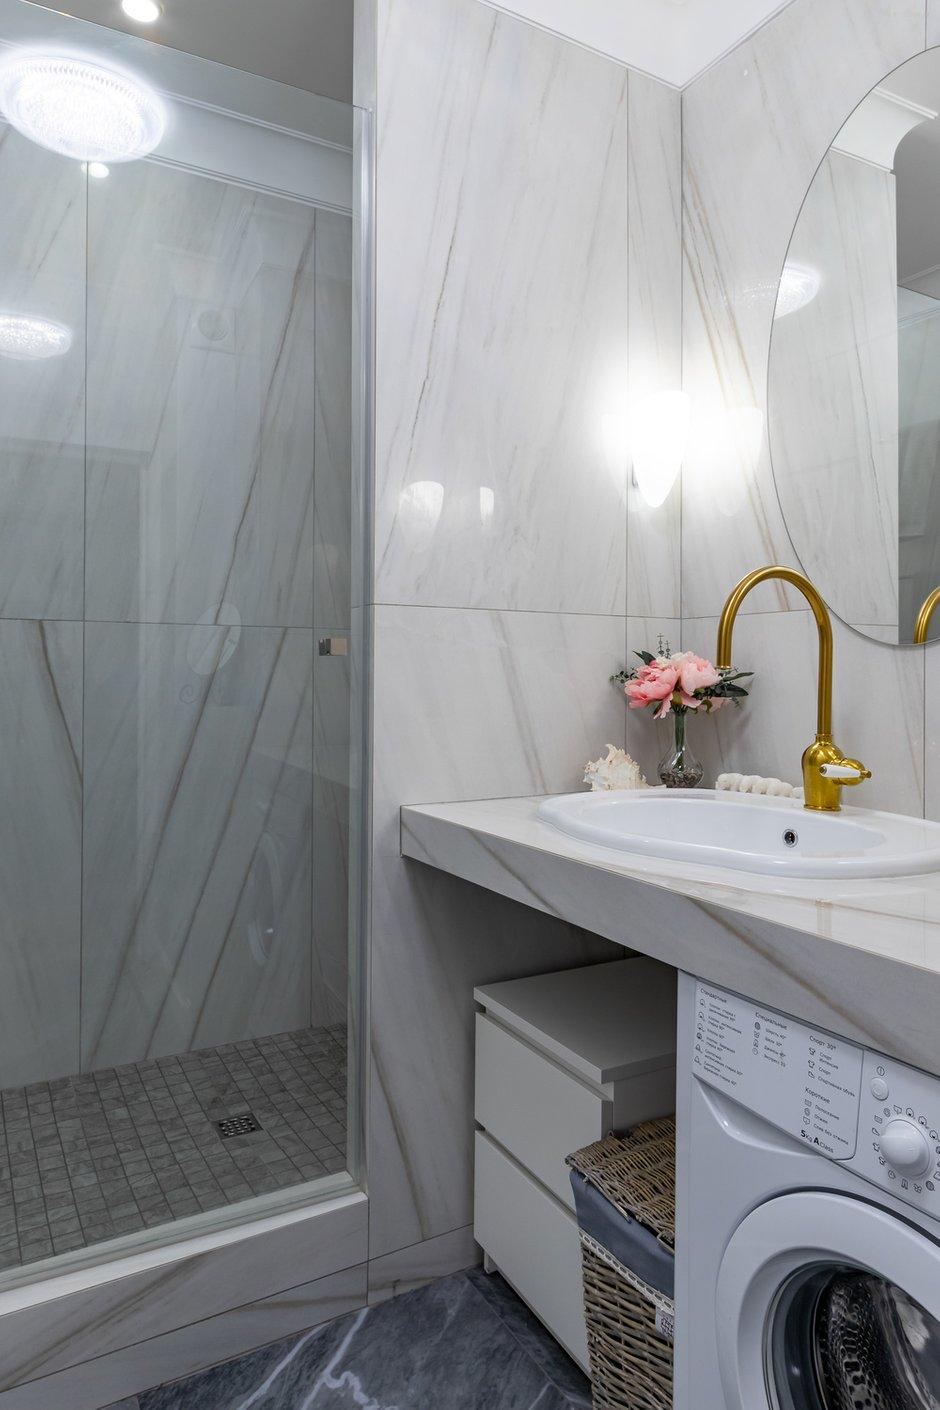 Фотография: Ванная в стиле Современный, Малогабаритная квартира, Квартира, Студия, Проект недели, Санкт-Петербург, до 40 метров, Елена Зингер – фото на INMYROOM